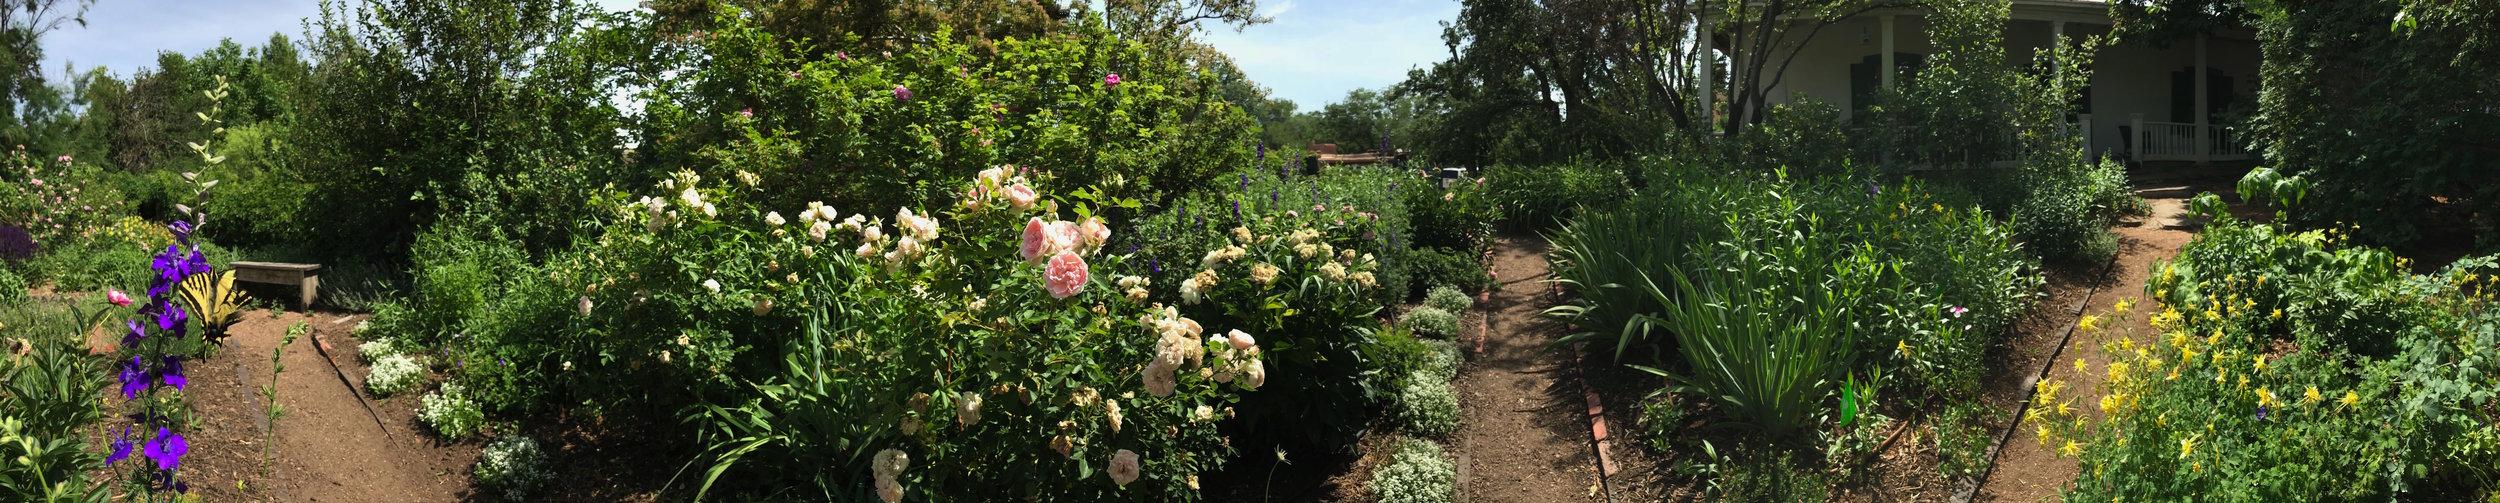 GardenPanoramaJune2018.jpg